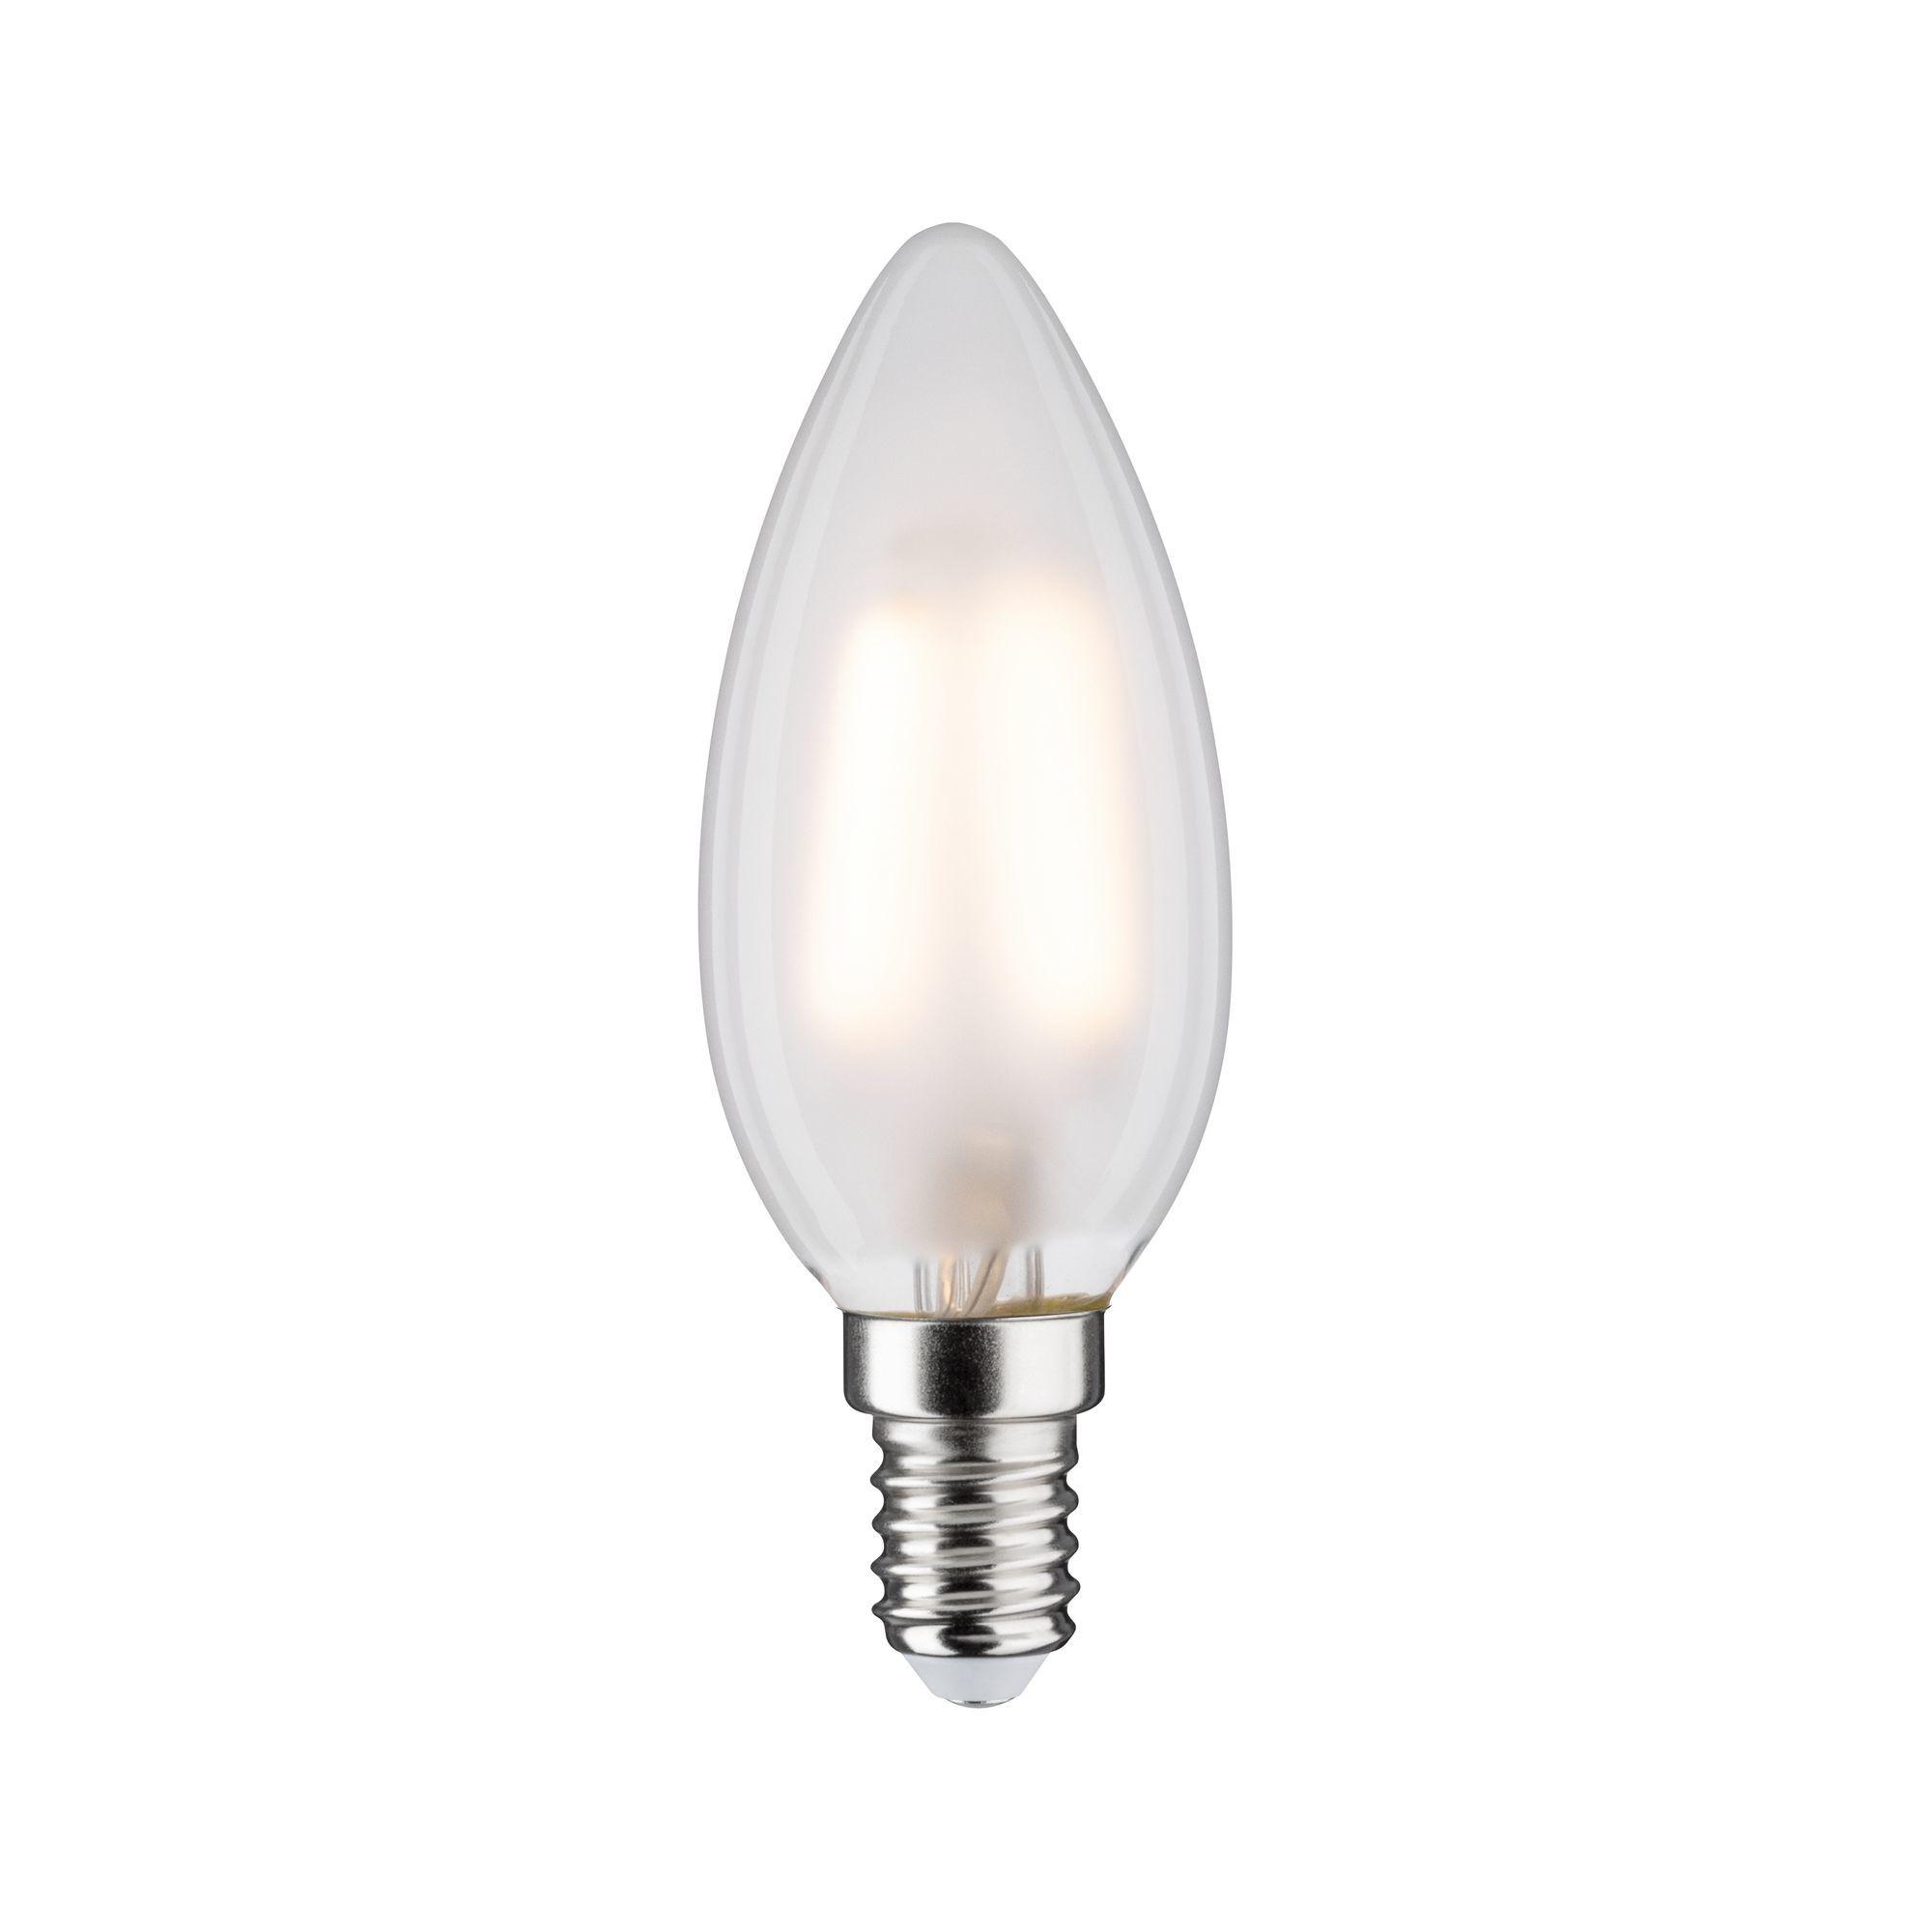 Paulmann LED Fil Kerze 250lm E14 2700K matt 3W 230V (28610)